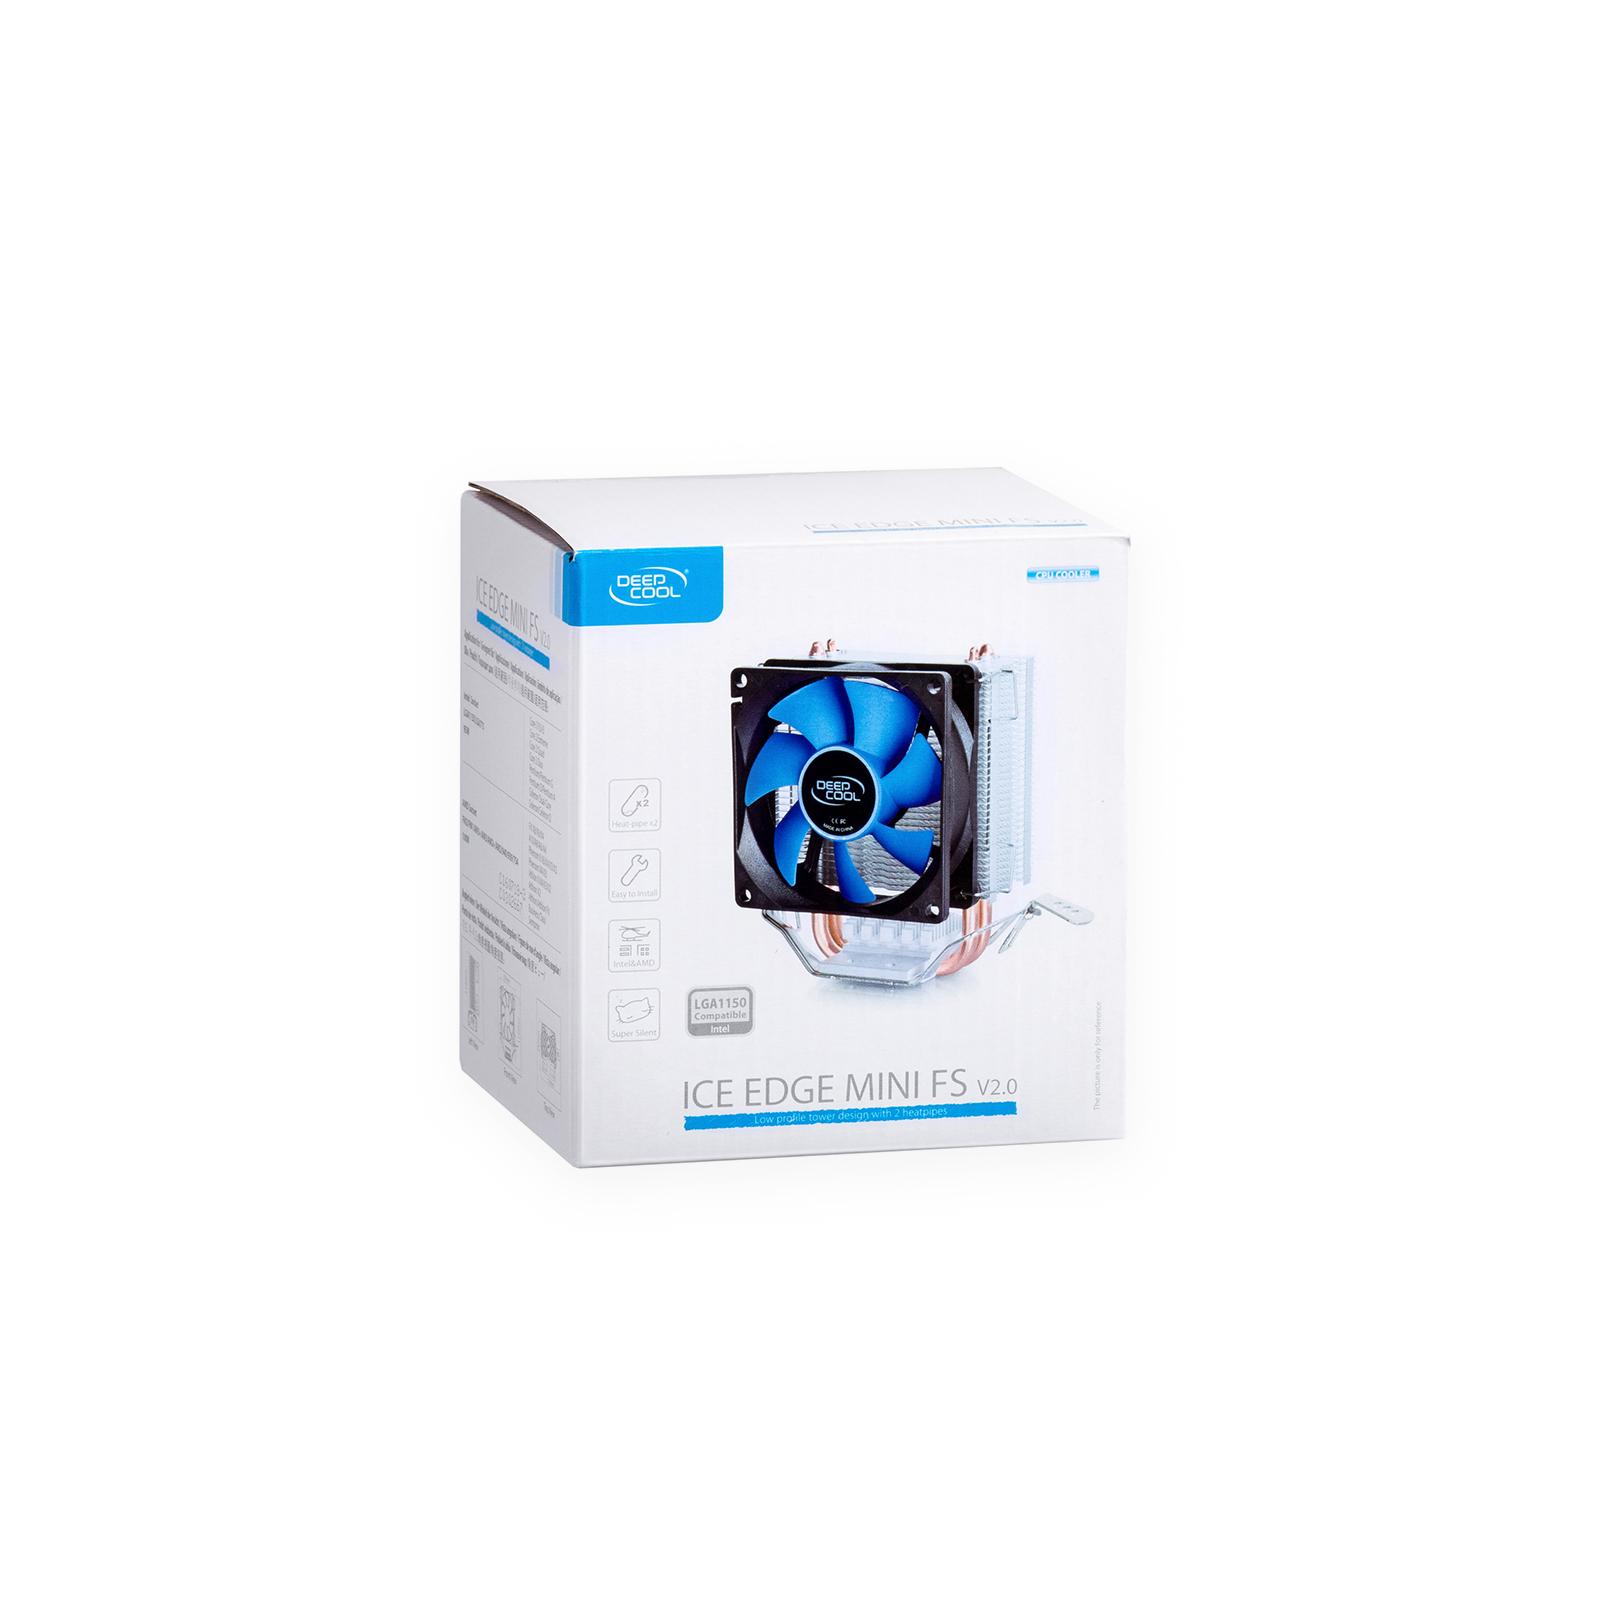 Кулер для процессора Deepcool ICEEDGE MINI FS V2.0 изображение 6